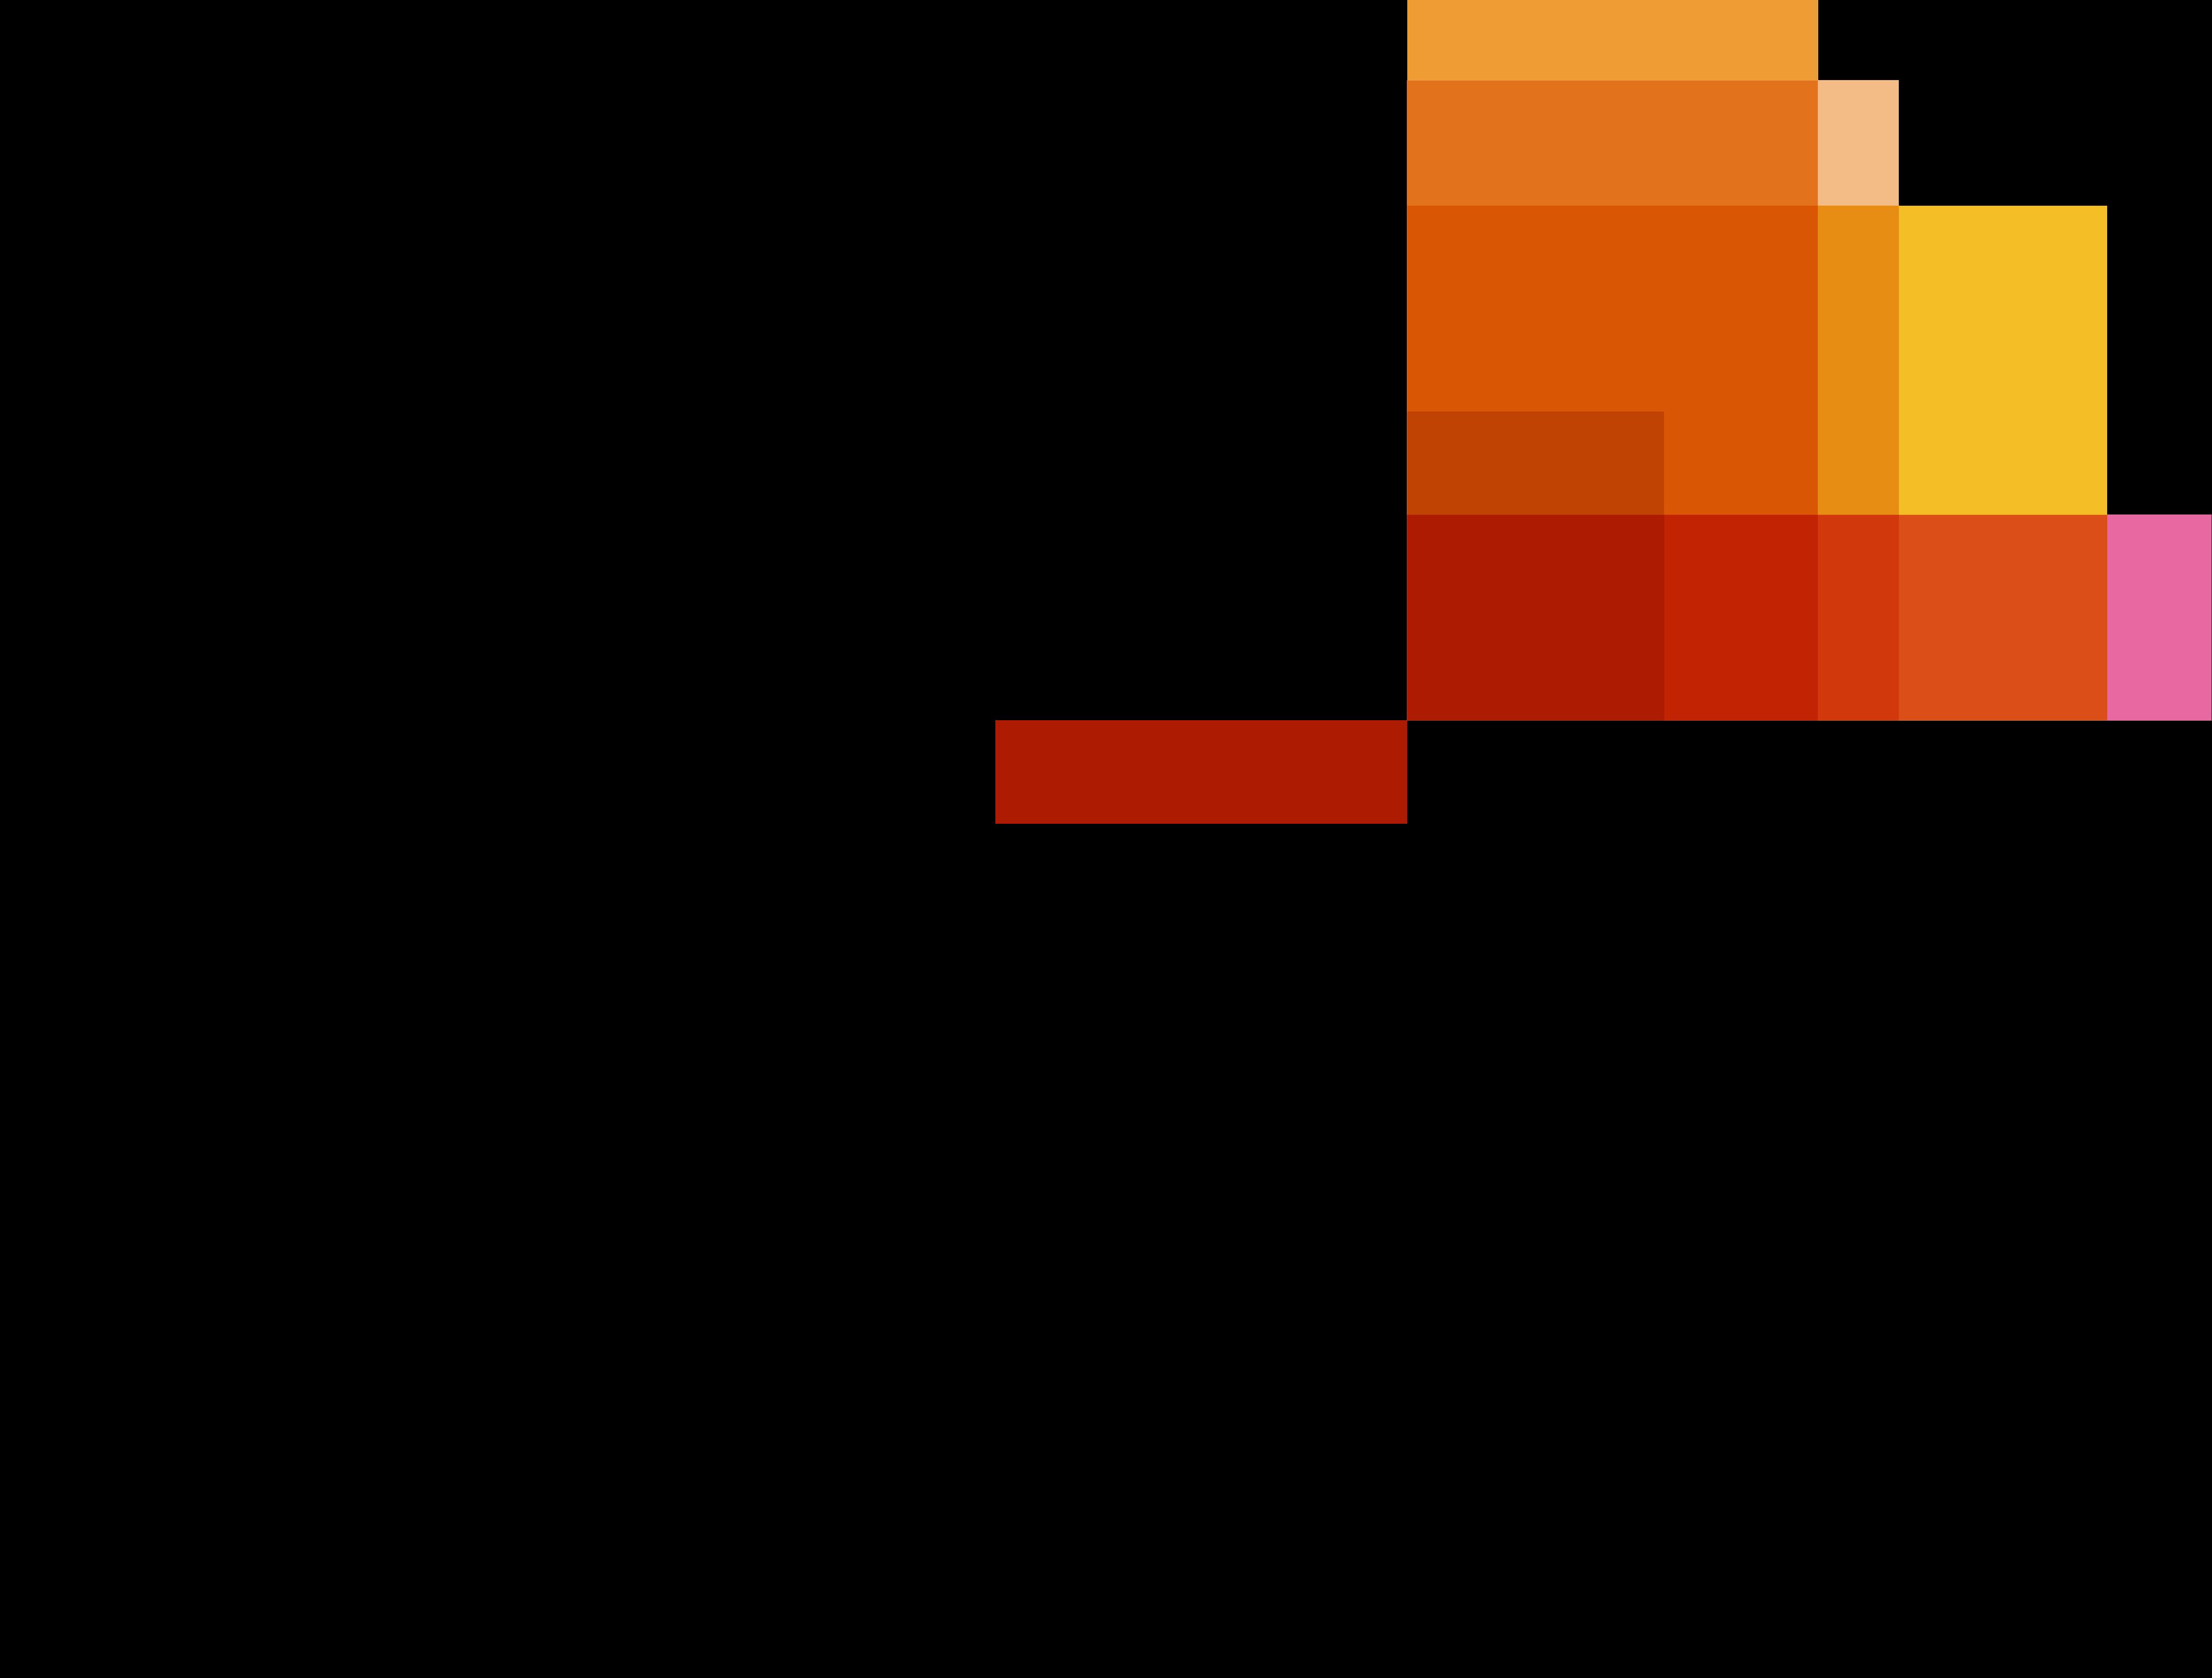 Pwc Logos Download